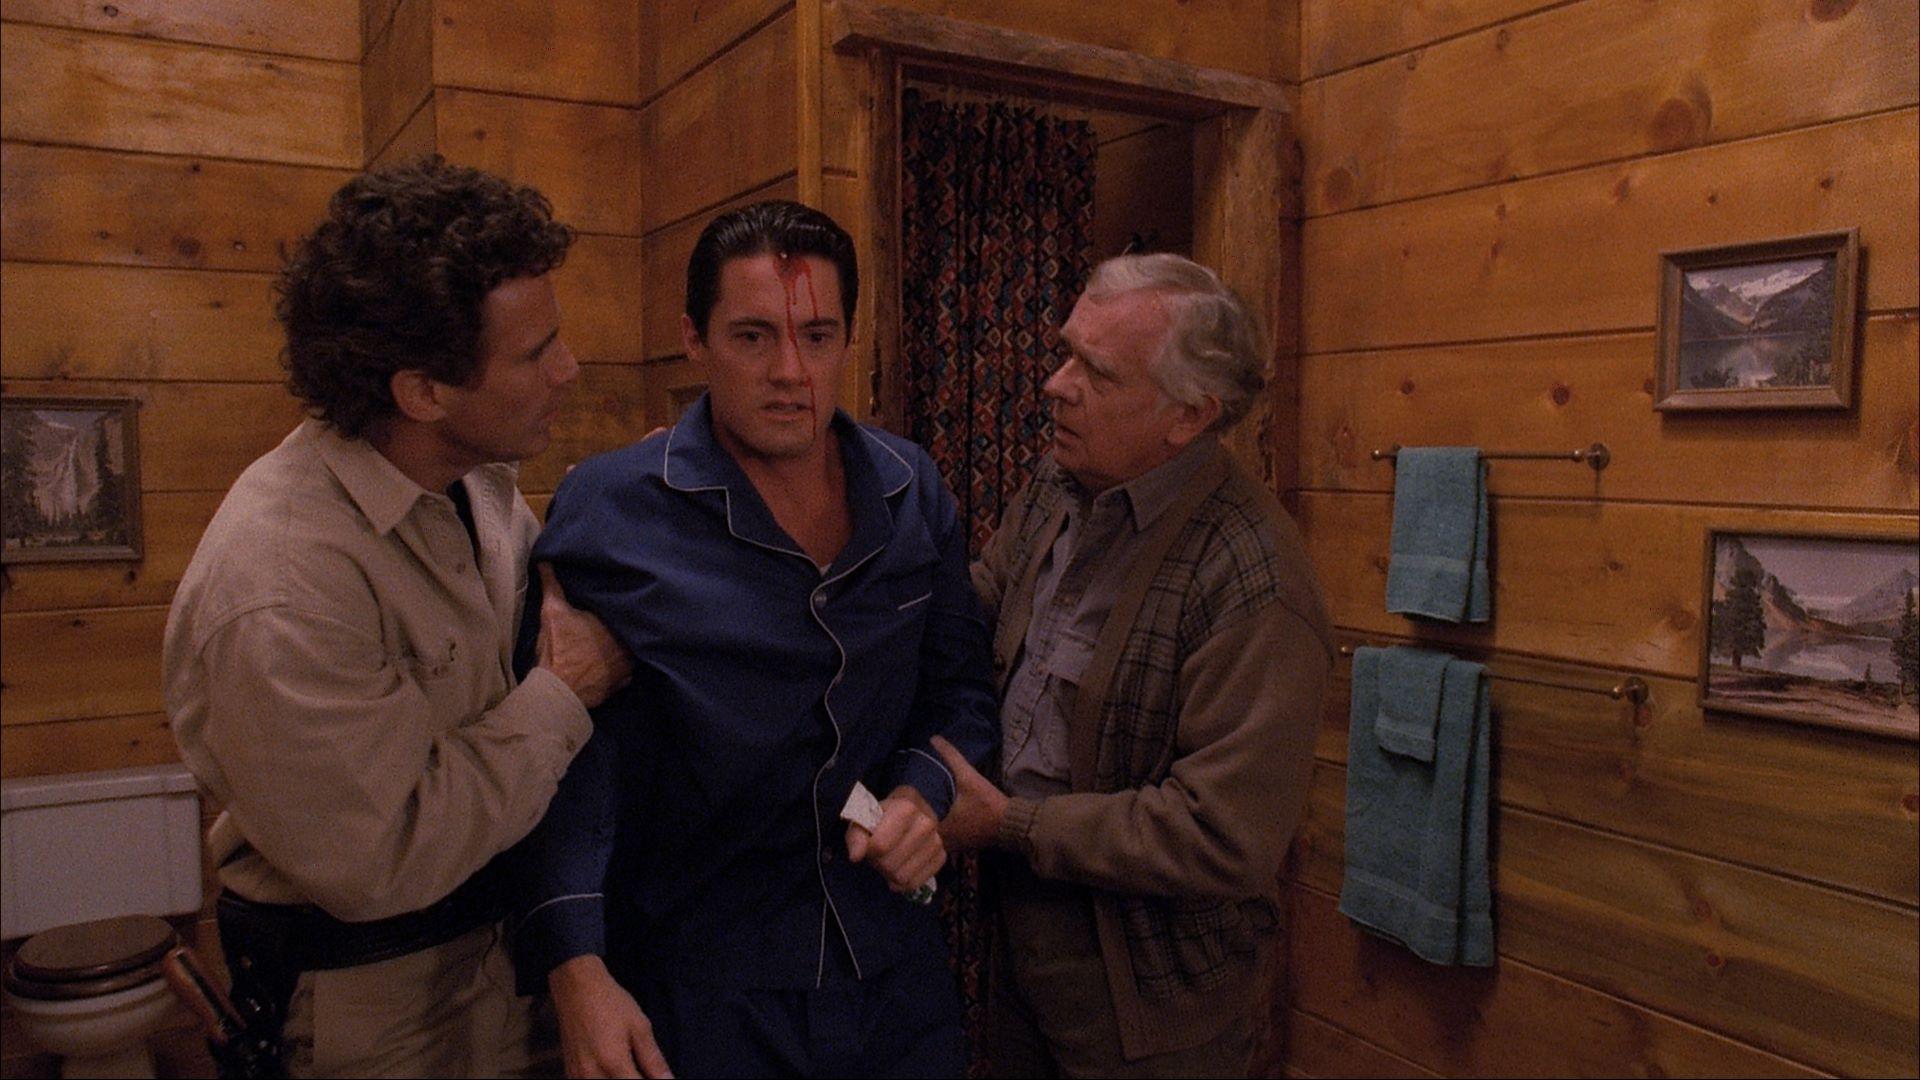 Cenas de Twin Peaks são repletas de violência